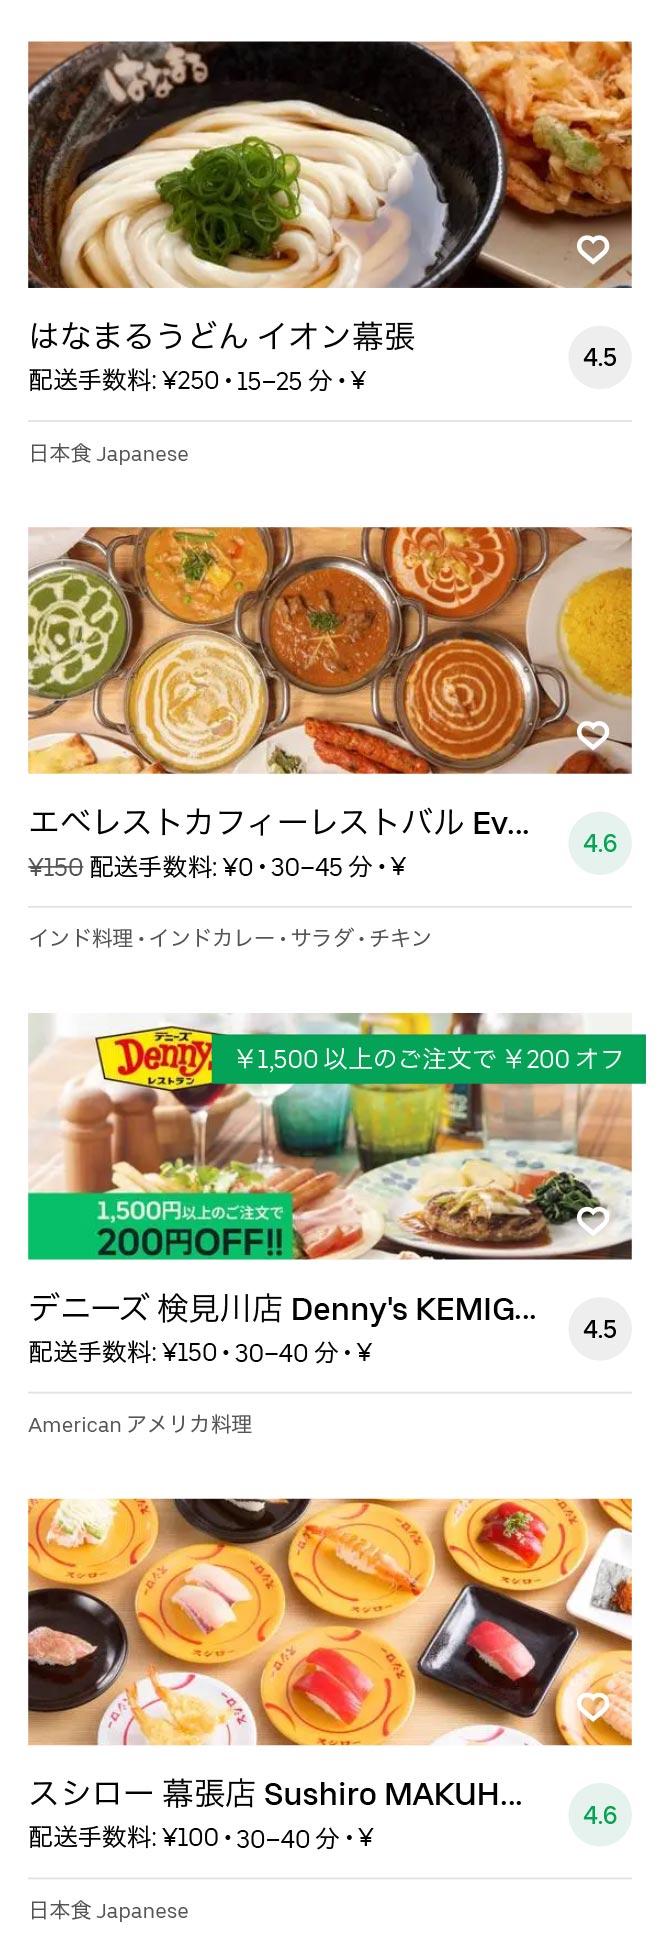 Makuhari menu 2010 03